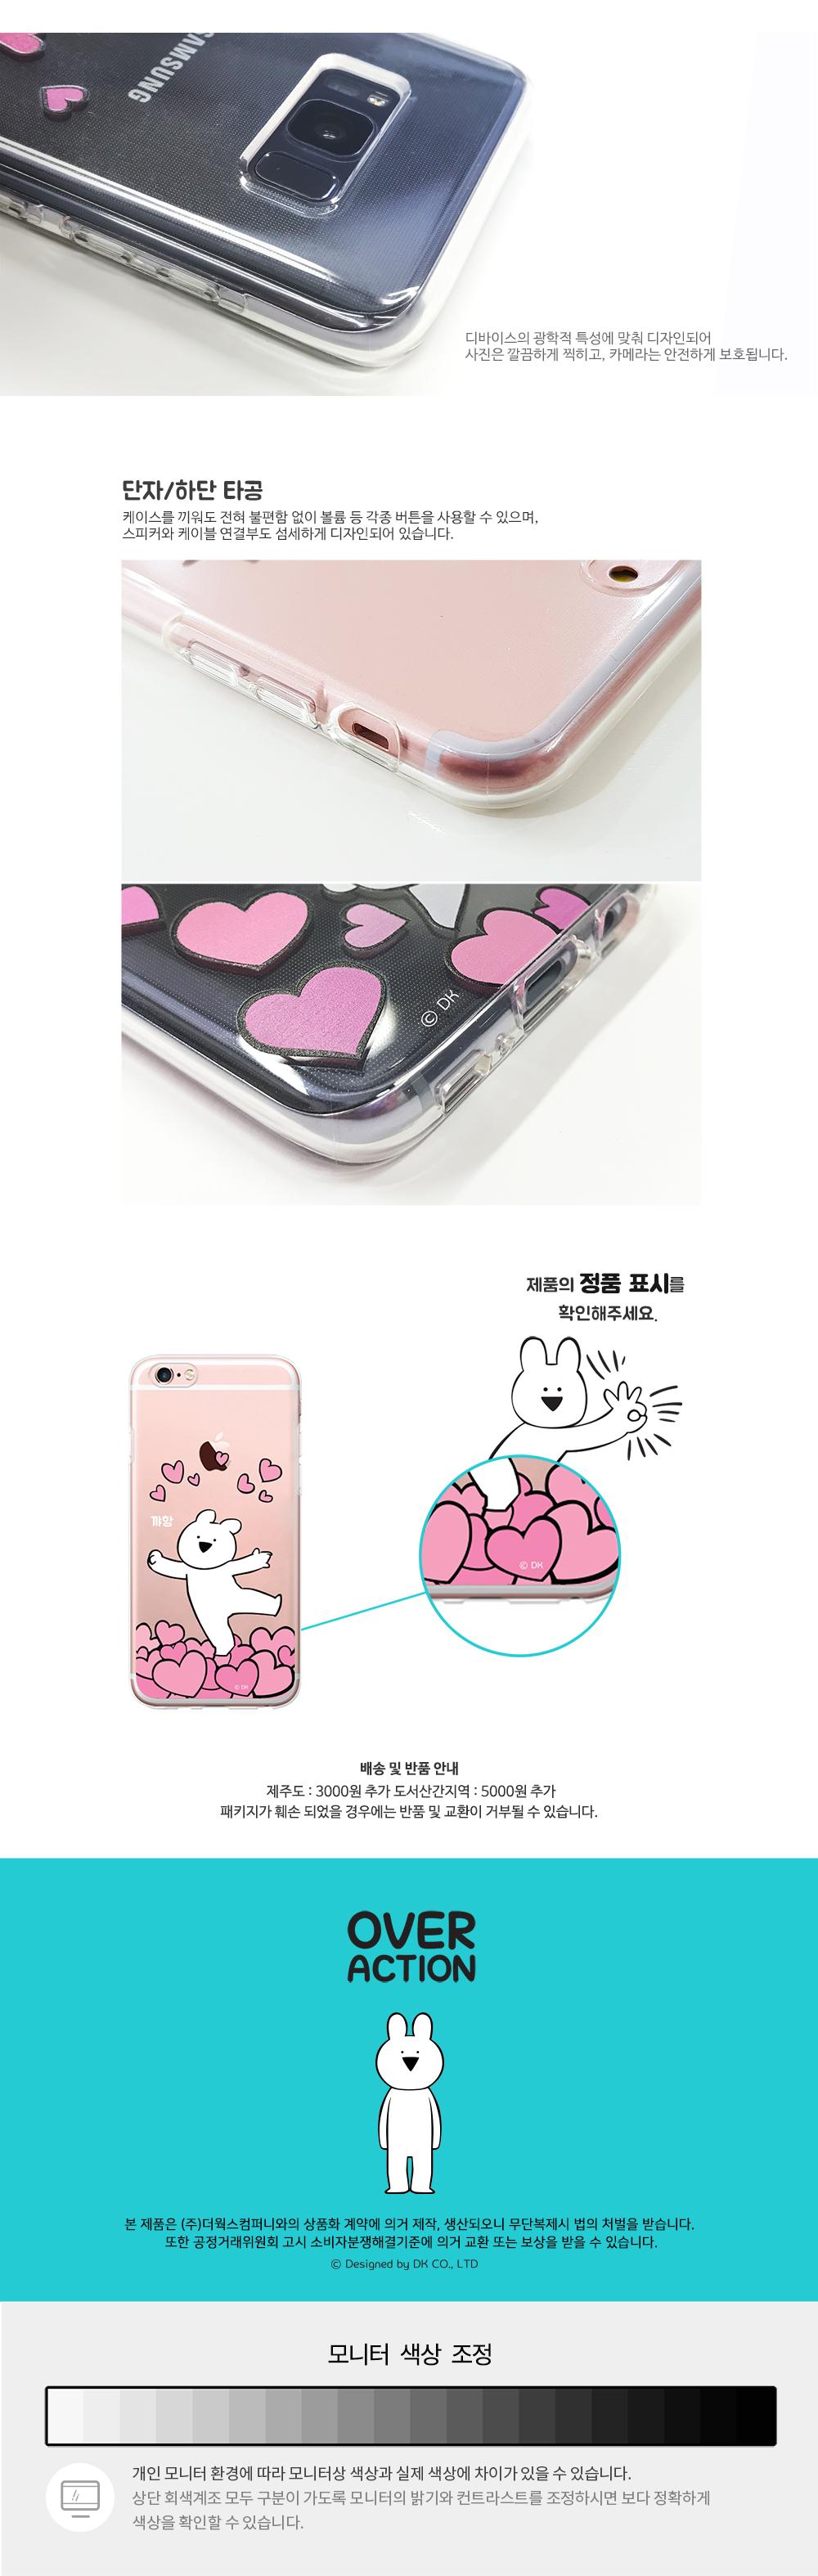 오버액션토끼 클리어 소프트 케이스 아이폰5  5S  5SE - 오버액션 토끼, 5,900원, 케이스, 아이폰5/5S/5SE